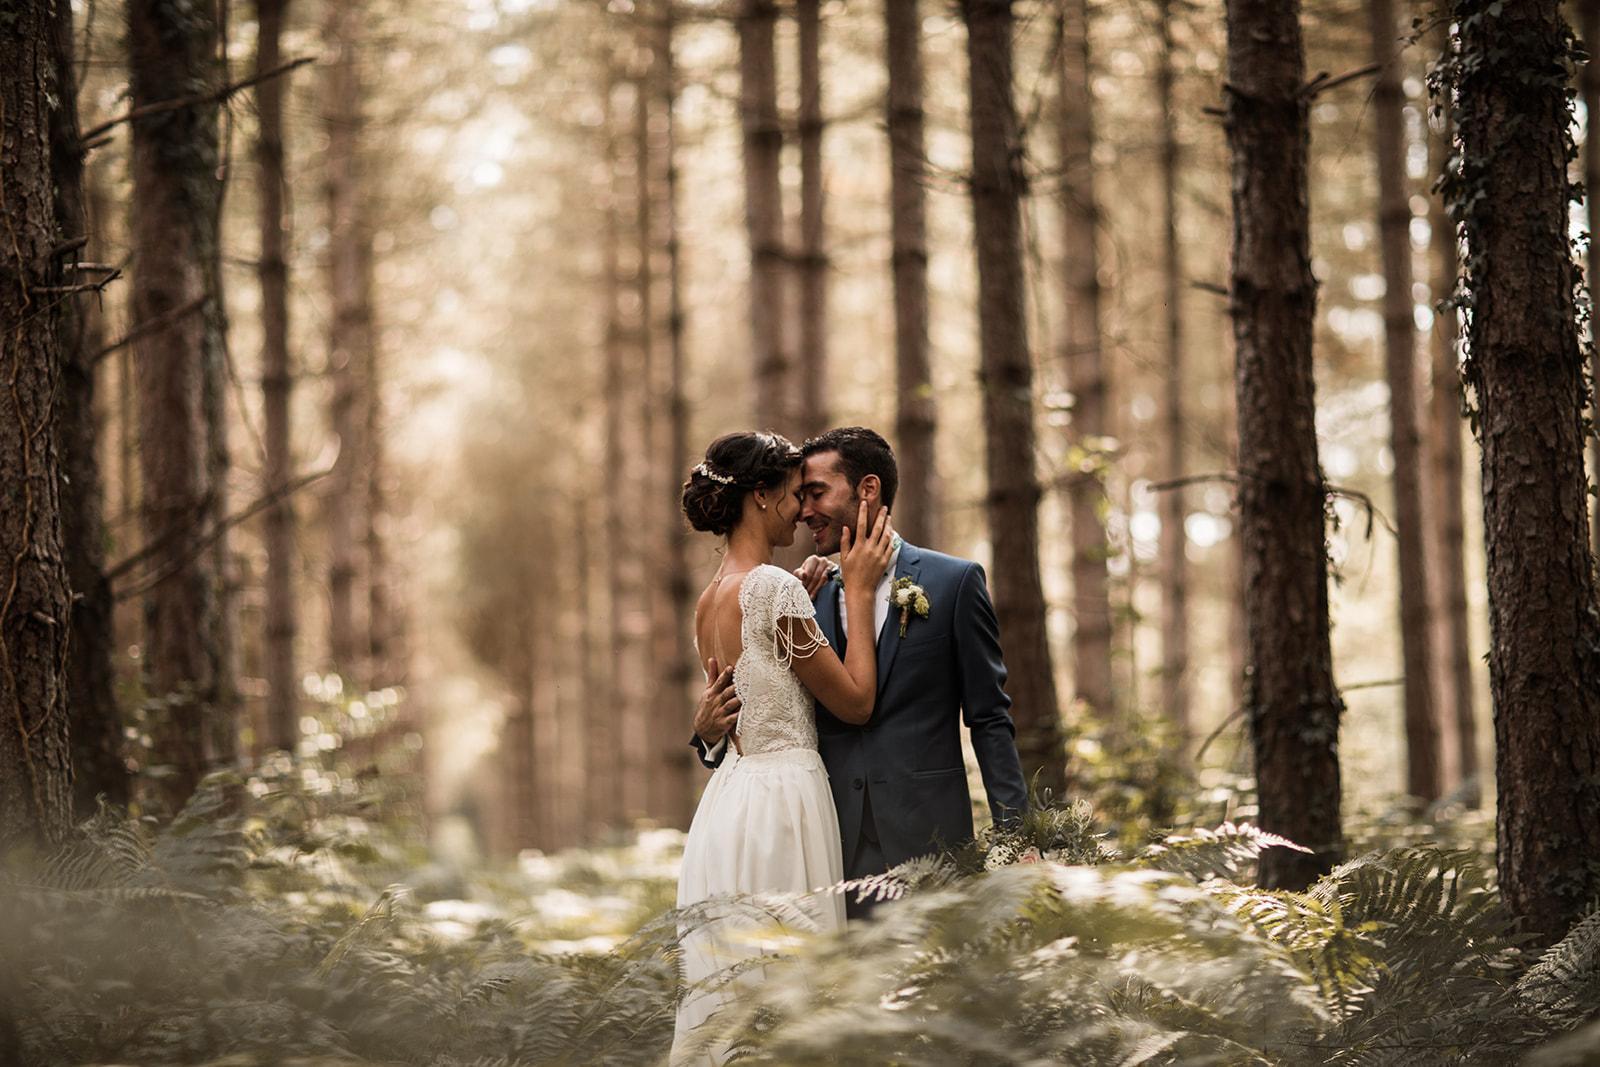 un moment à deux en forêt